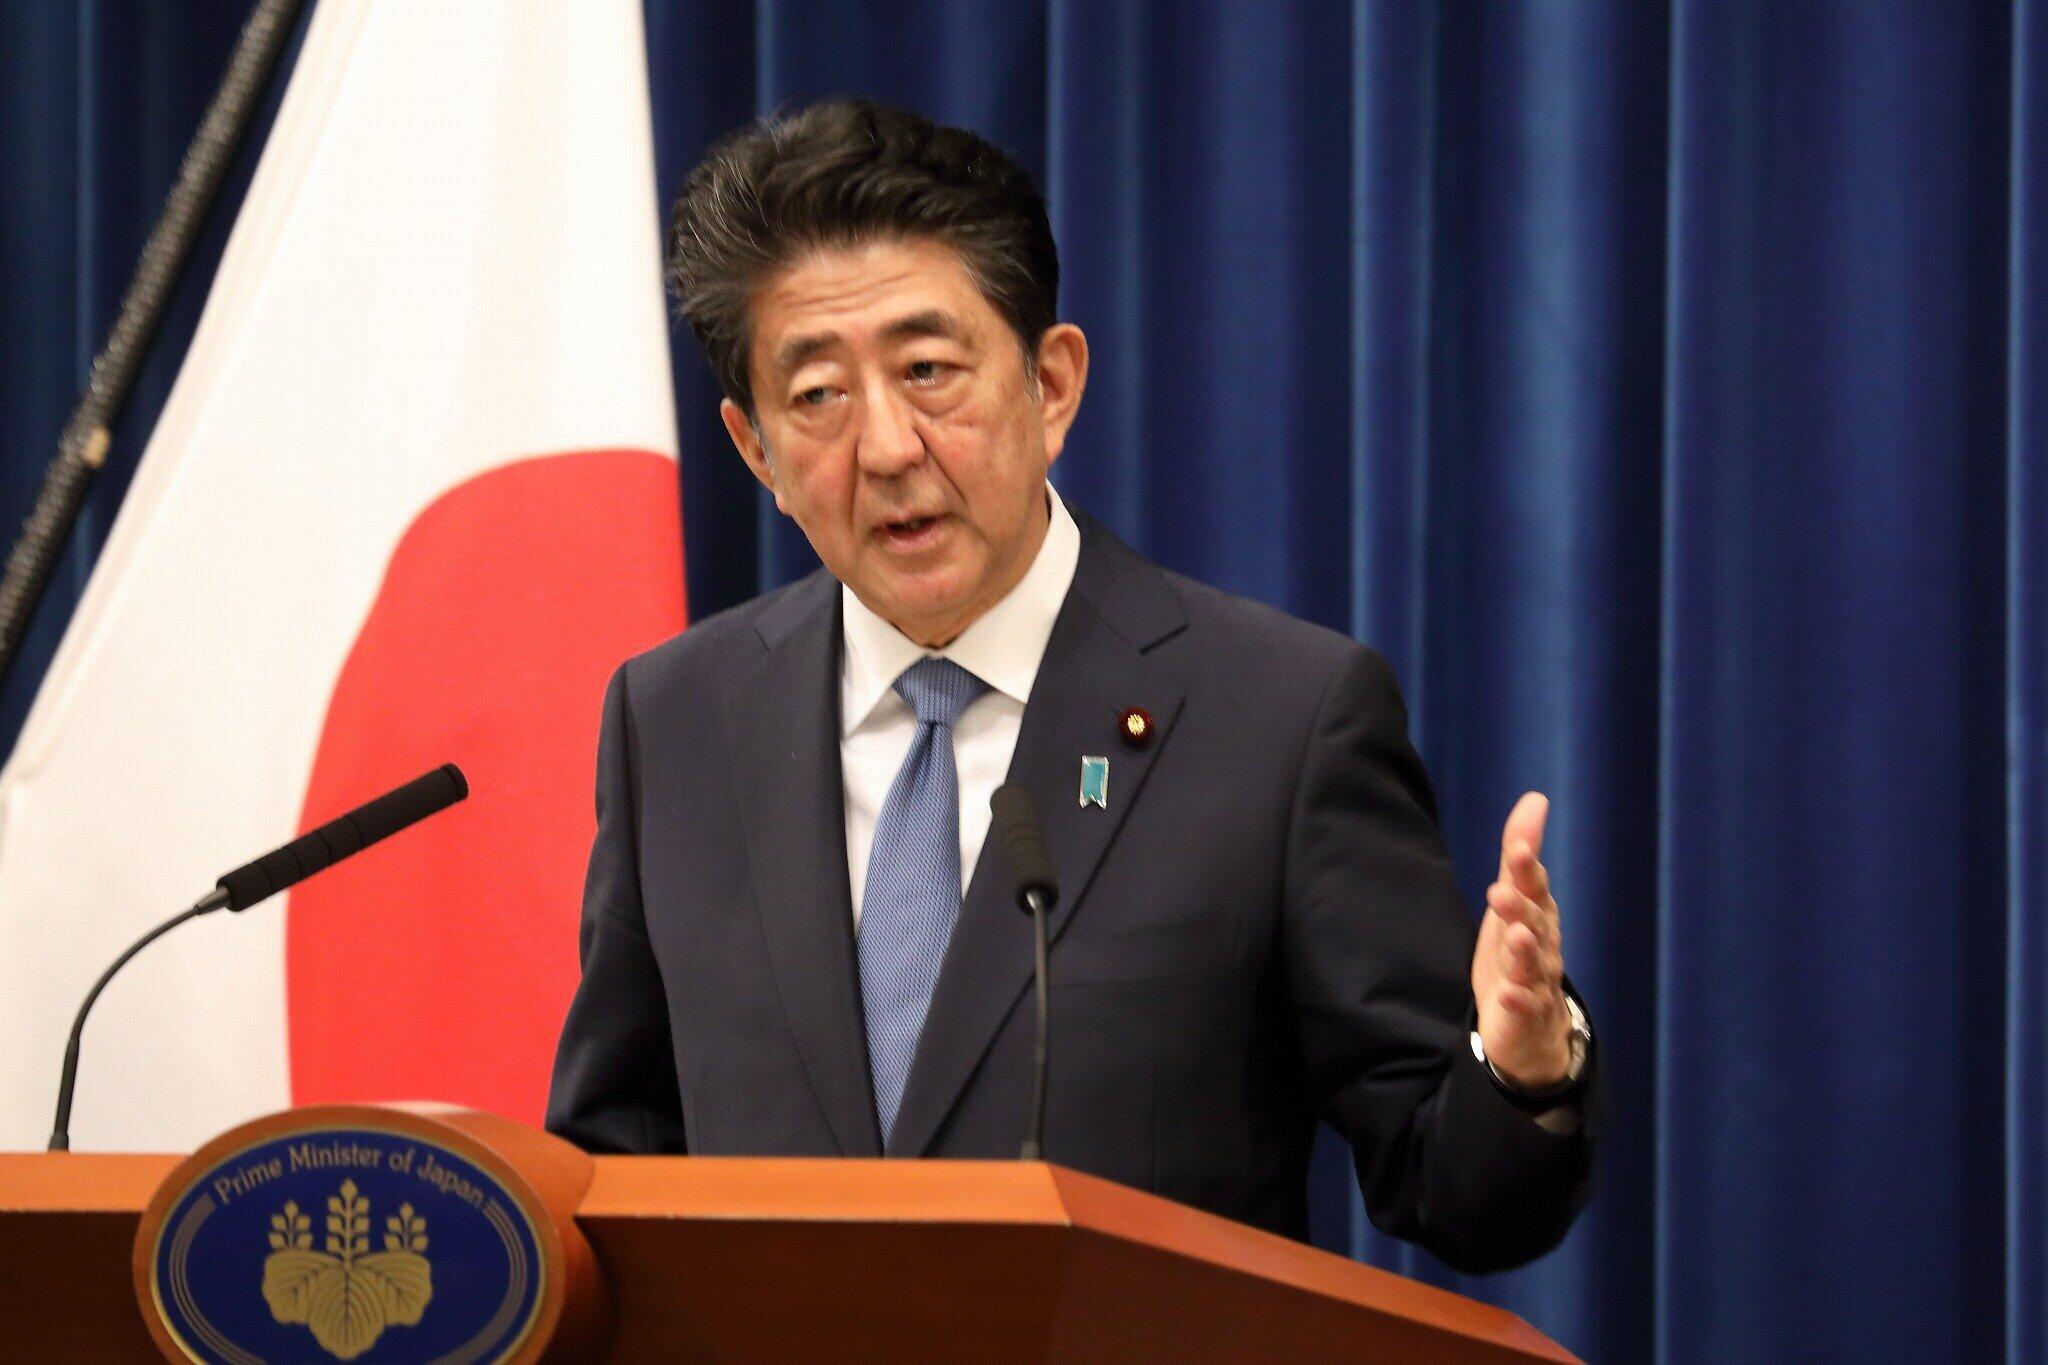 安倍首相辞任で株価「セオリー」どおりの急落 週明けはどうなる?